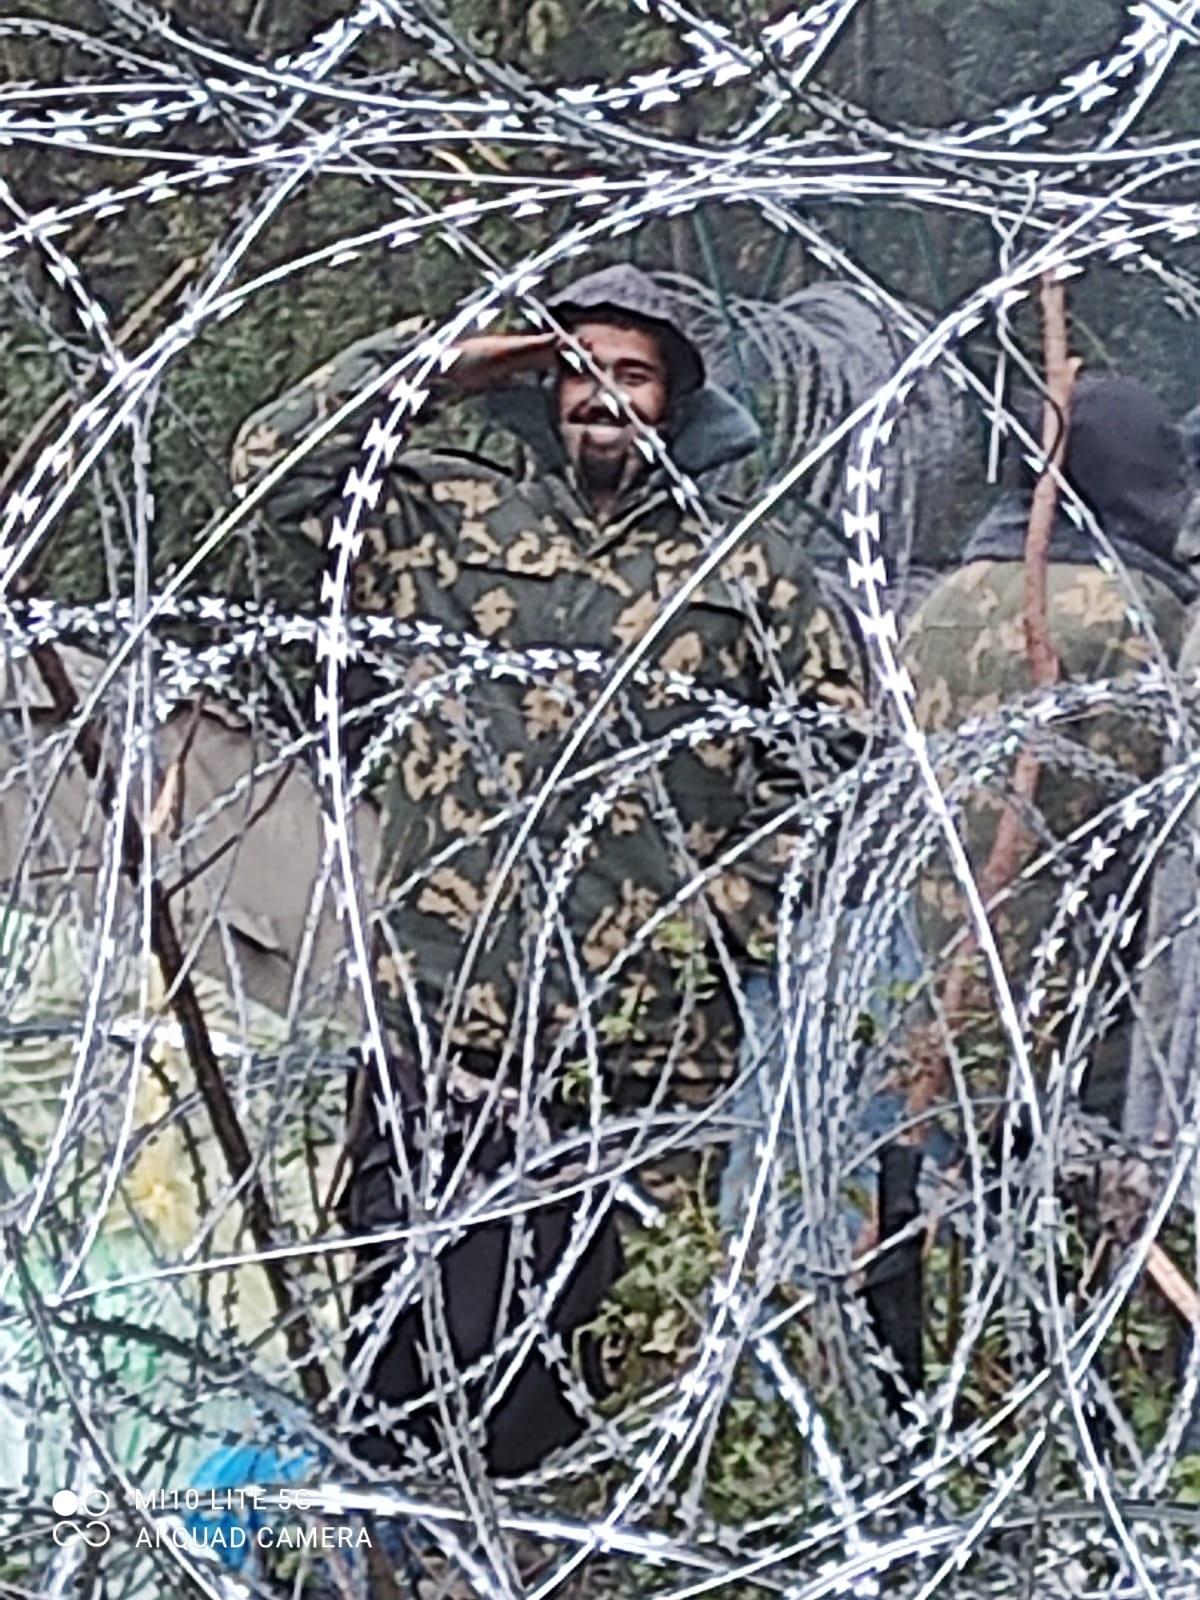 Беларусь раздает мигрантам военную форму. Пограничники Польши ждут провокаций: фото